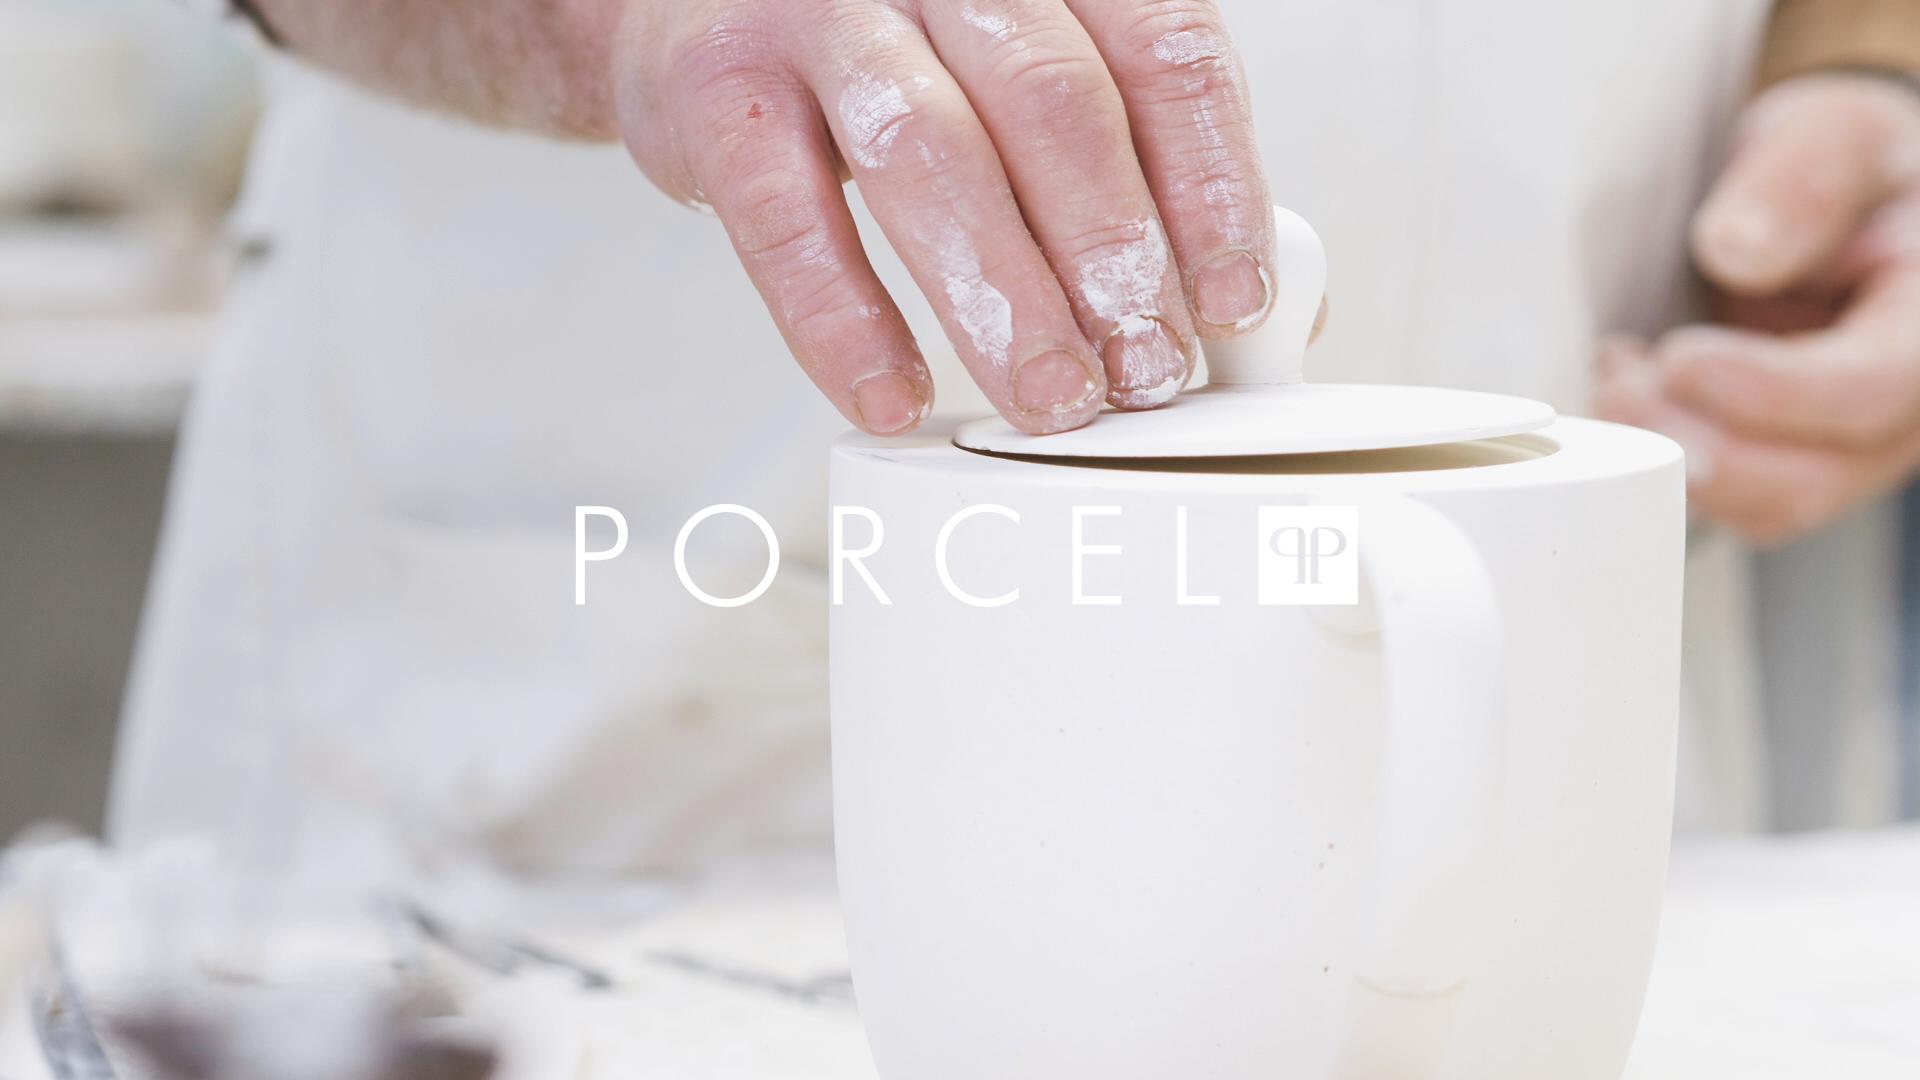 Manufacturing porcelain at Porcel 2